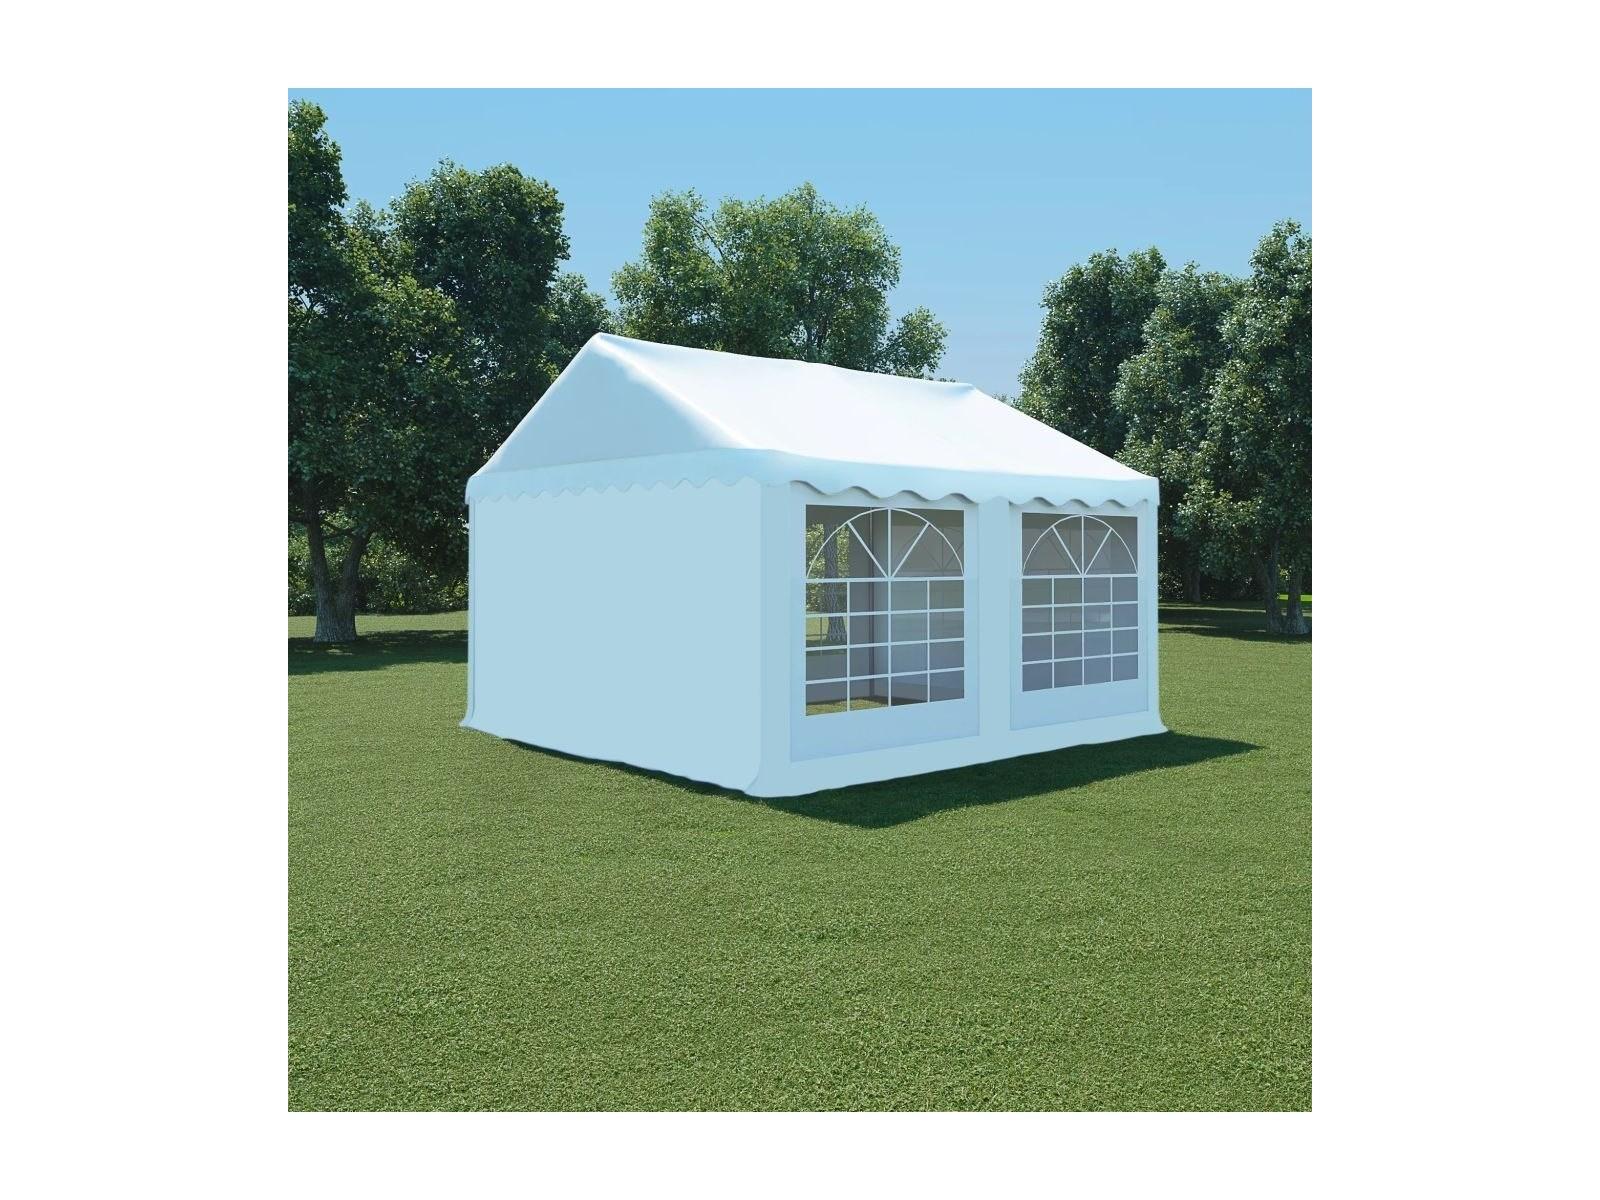 vidaXL Namiot ogrodowy z zasłonami, 4 x 3 m, biały Ceny i